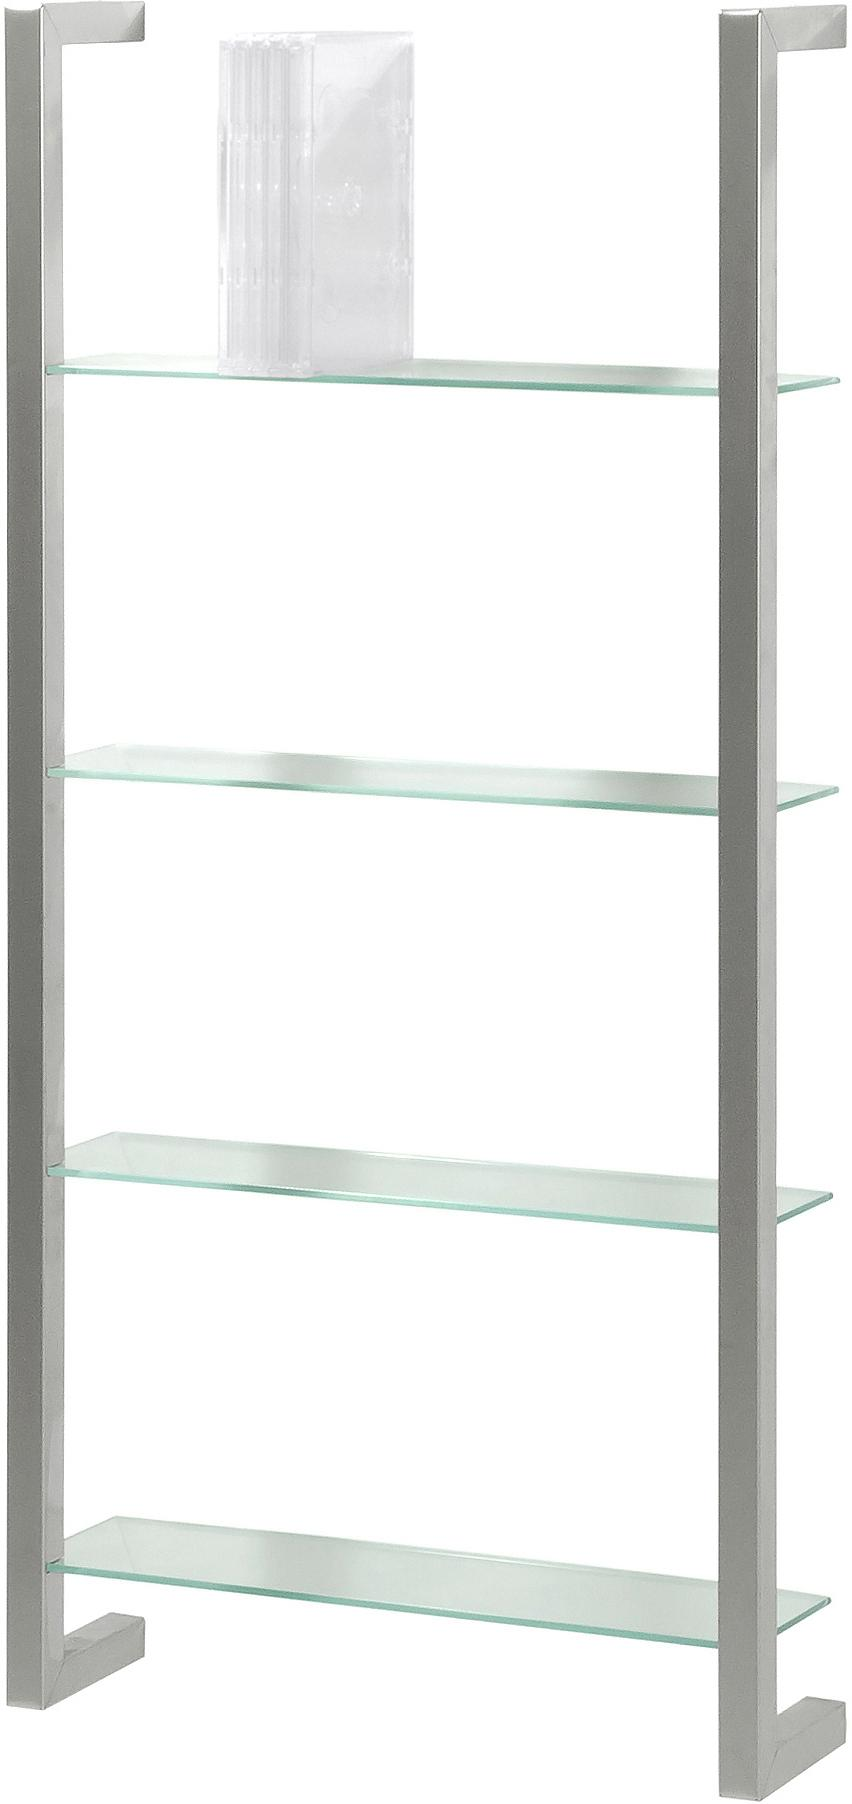 dvd regal cubic nickel glas m spinder design kaufen wohn und. Black Bedroom Furniture Sets. Home Design Ideas